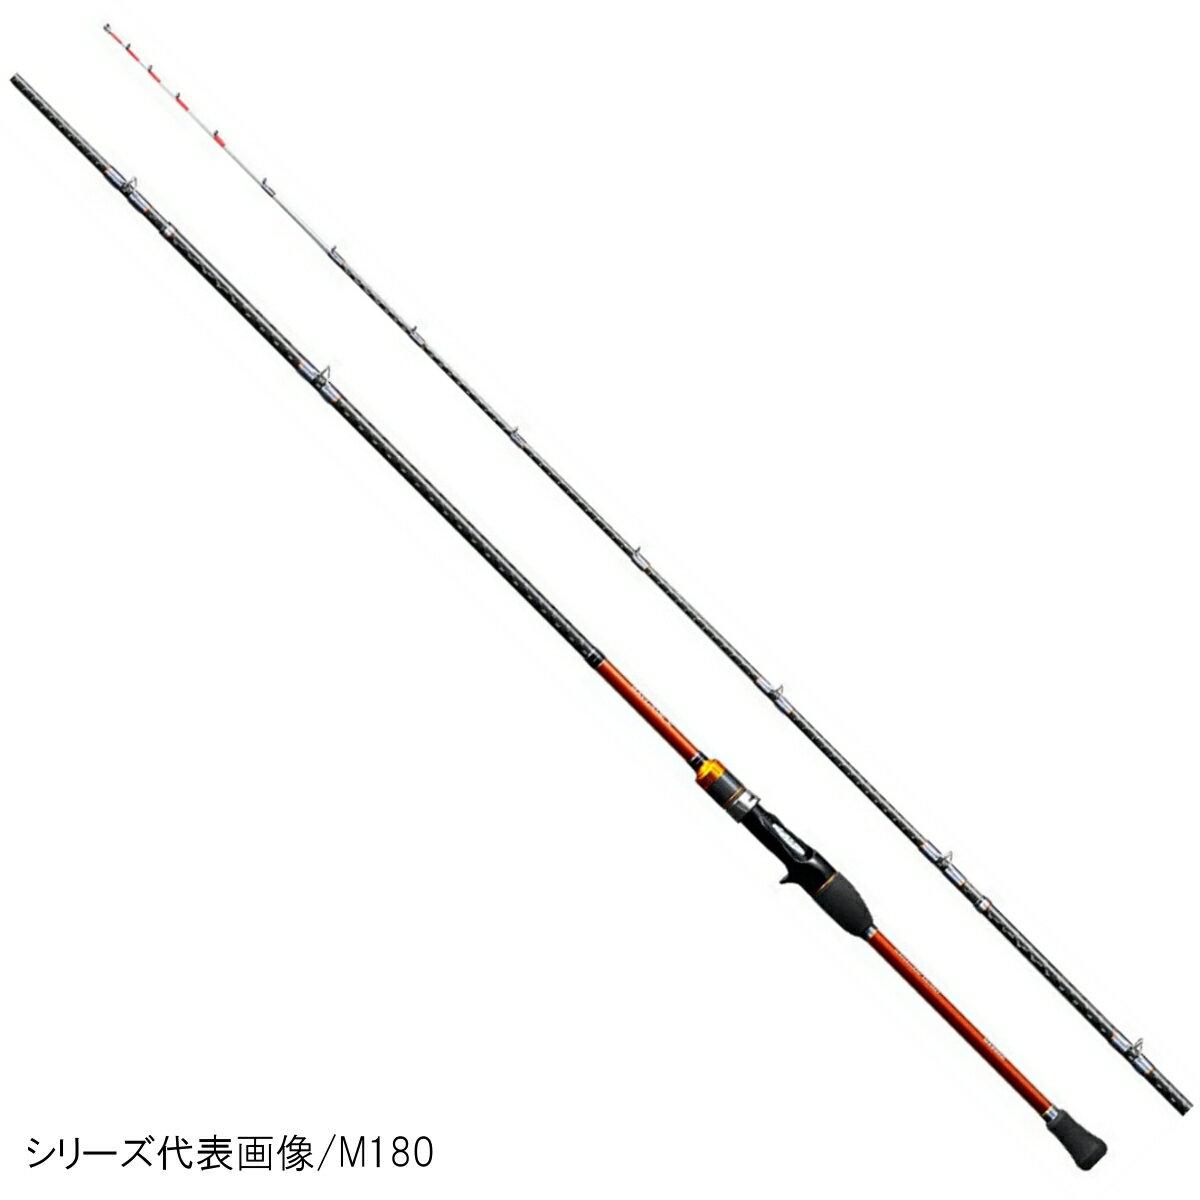 シマノ(SHIMANO) ベイゲーム X カワハギ H175(東日本店)